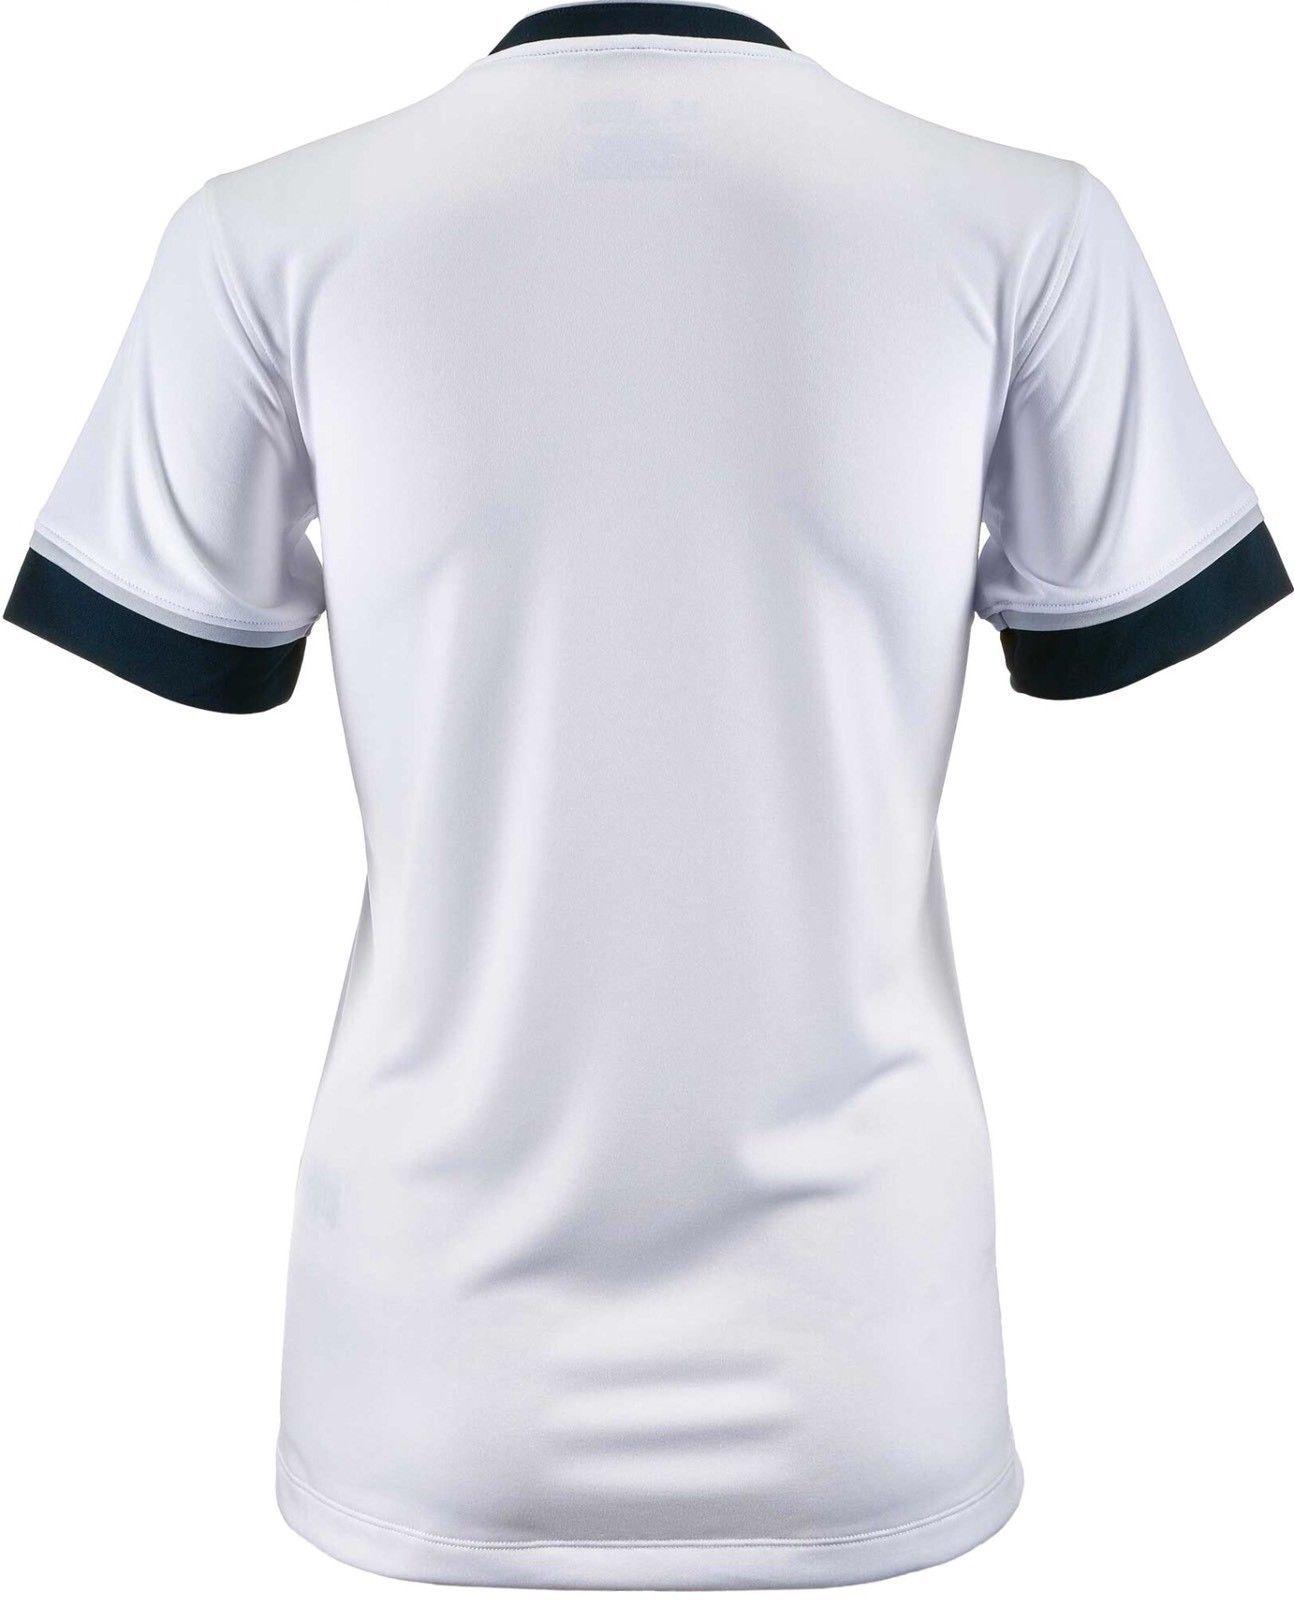 2015-16 Tottenham Under Armour Women's XL Blank Home Soccer Jersey